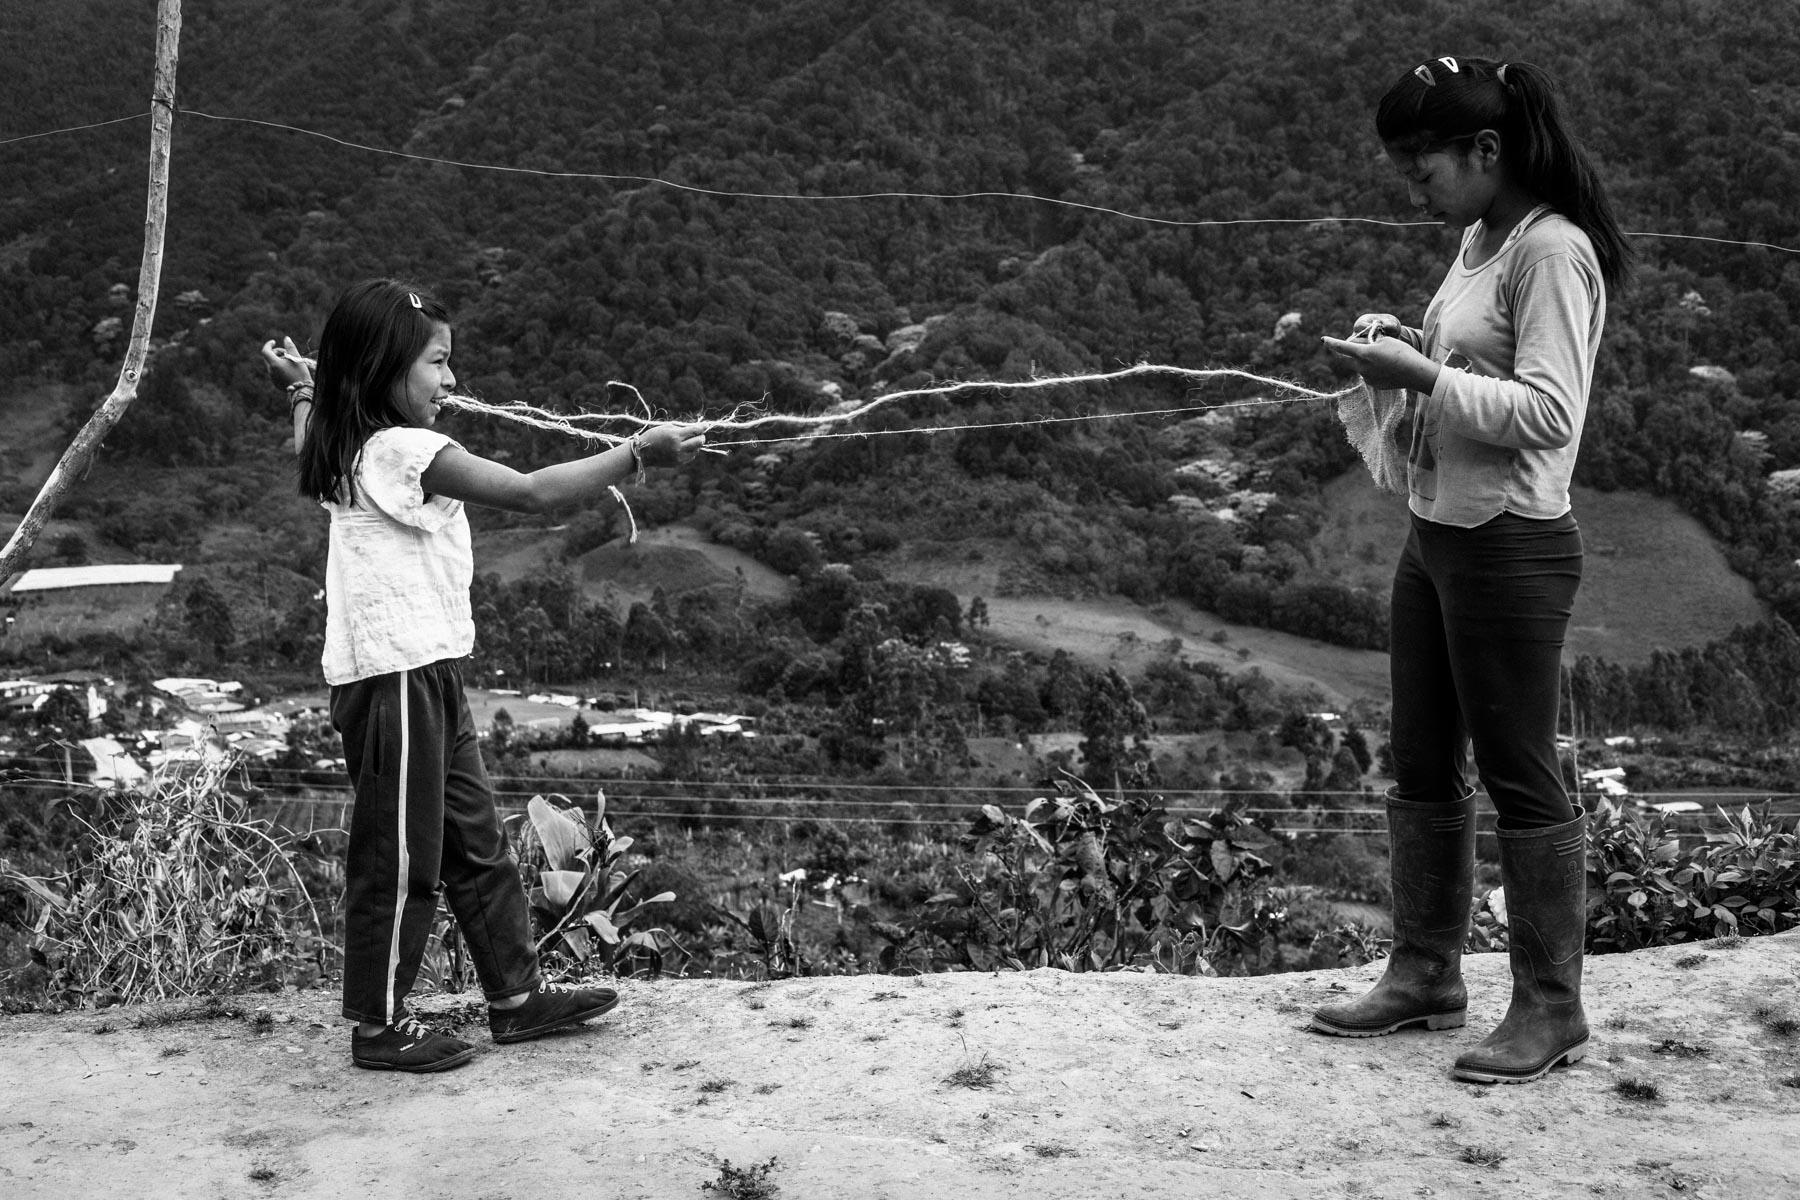 Finca de Luz Mery Pavi Tenorio (39 años). Francy Liliana Pazu Pavi (15 años) y Luz Zorayda (8 años), La Primicia, Resguardo San Francisco. Cauca, Colombia, Agosto 19, 2018.